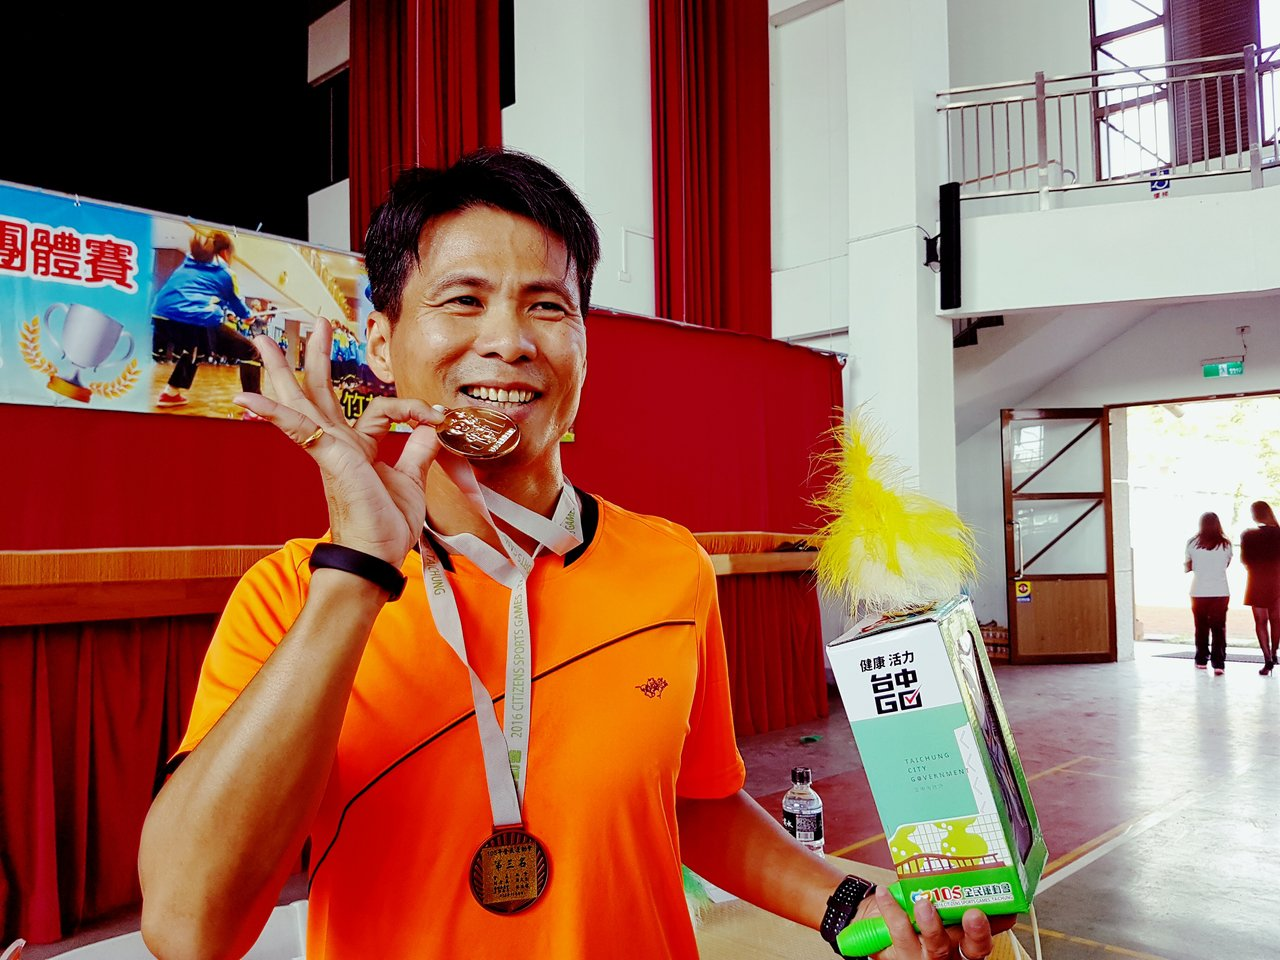 廣興國小校長陳鐘金參加踢毽比賽奪金,開心咬著金牌。記者吳佩旻/攝影